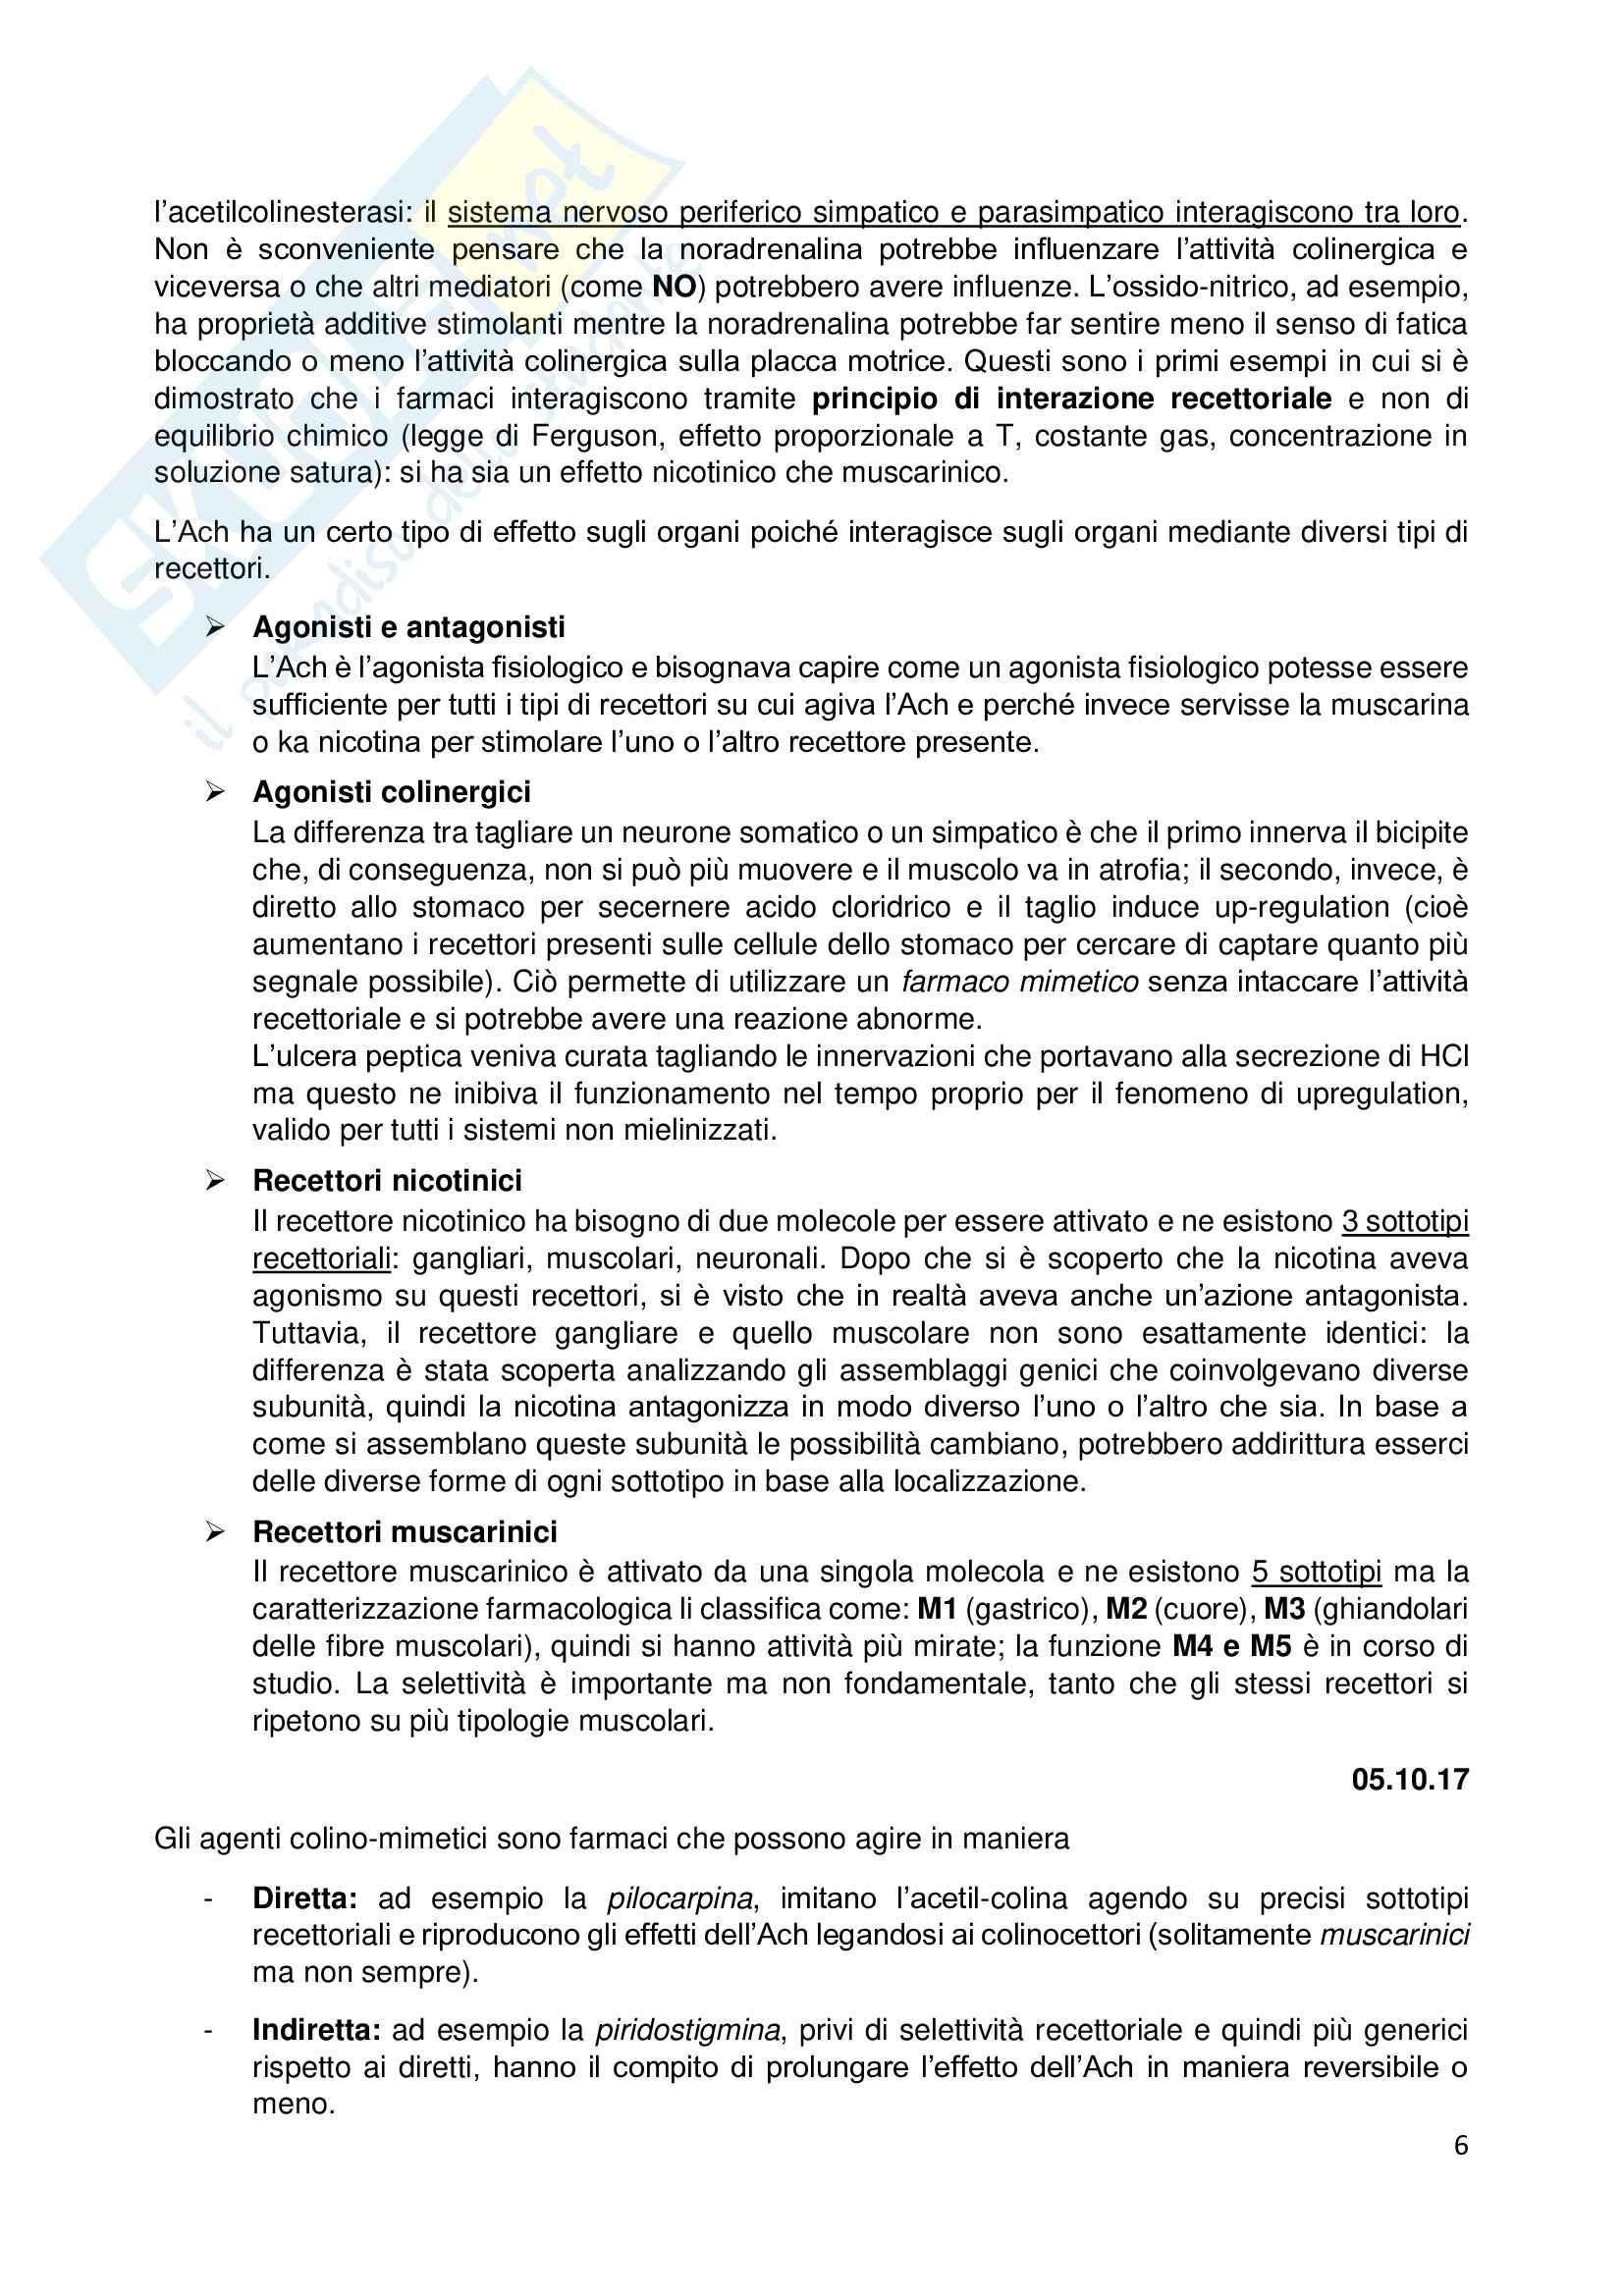 Appunti di Farmacologia e Farmacoterapia Pag. 6